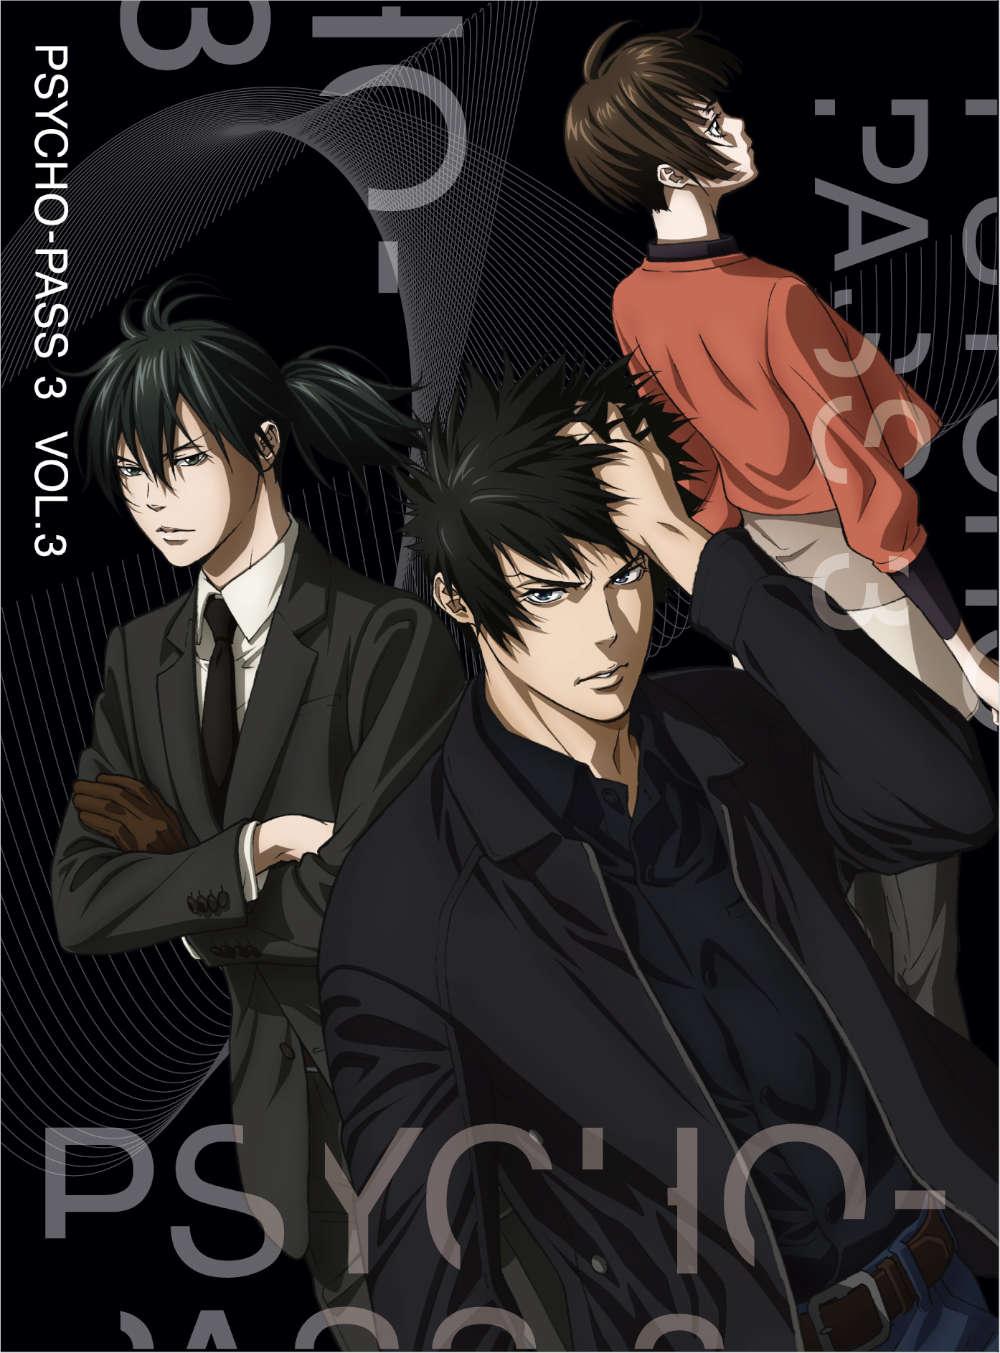 PSYCHO-PASS サイコパス 3 Vol.3 DVD 初回生産限定版